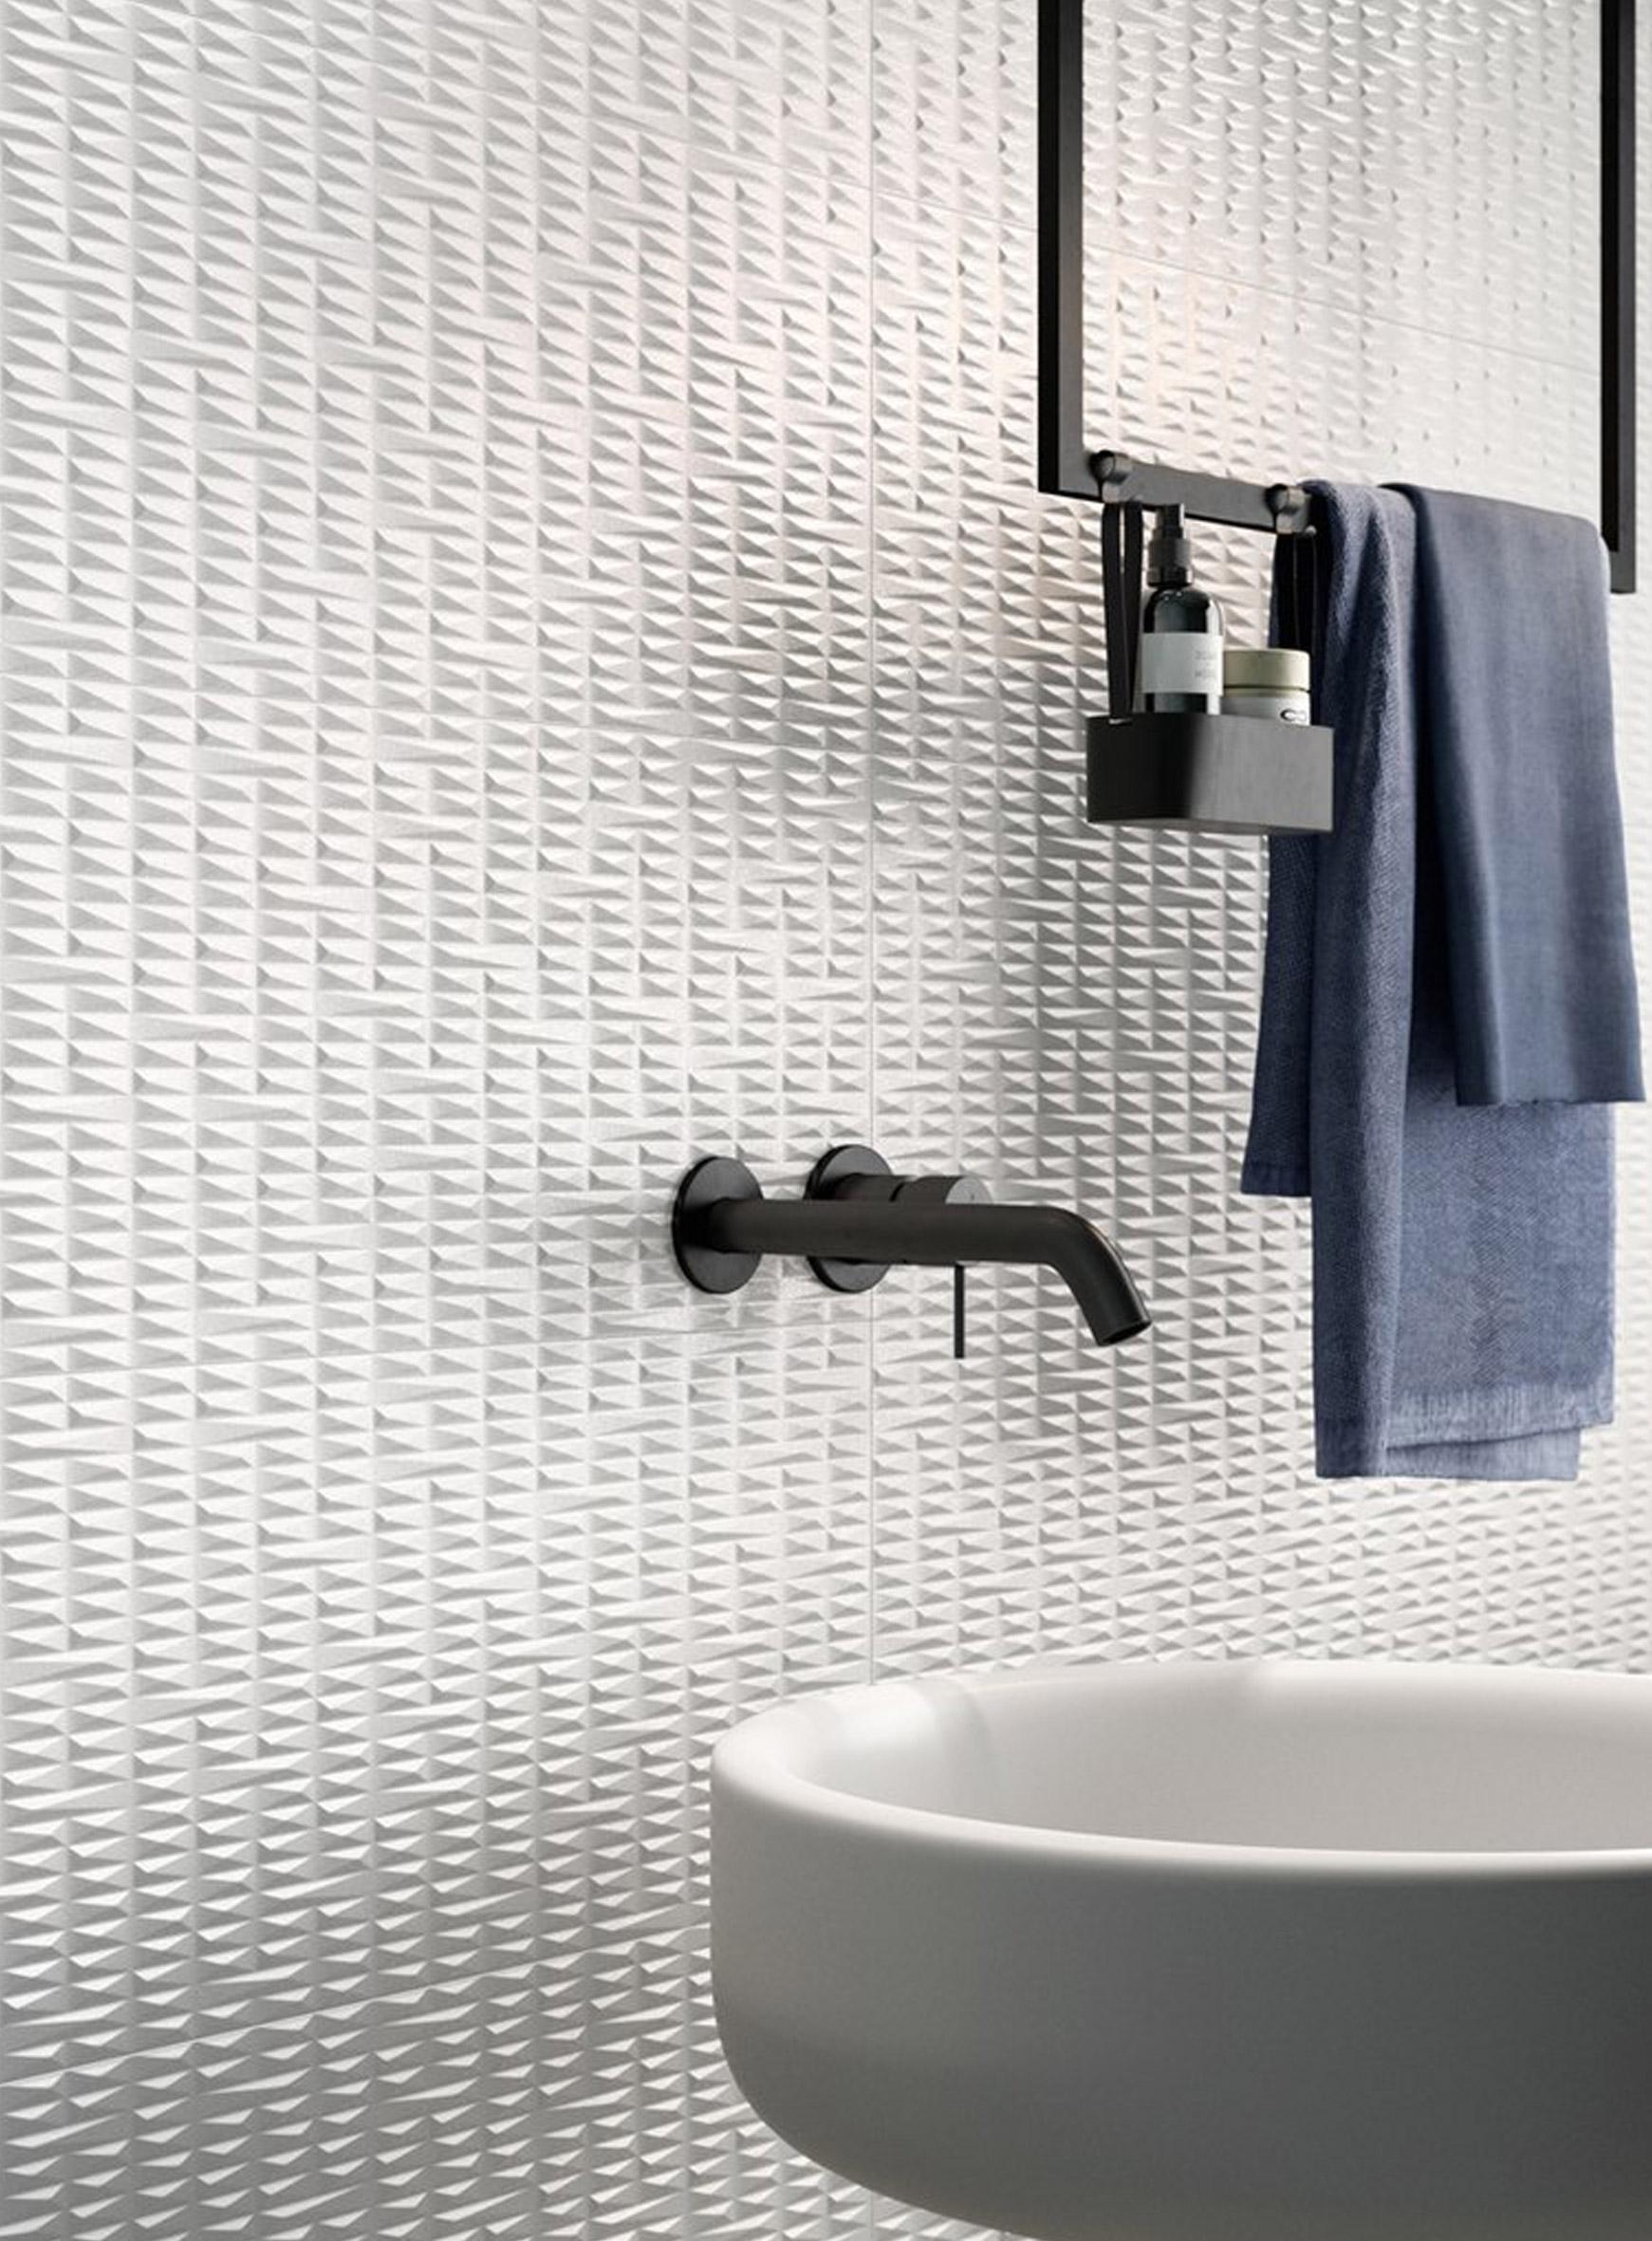 5 1 idee bagno originali per ristrutturare il bagno - Idee per ristrutturare il bagno ...